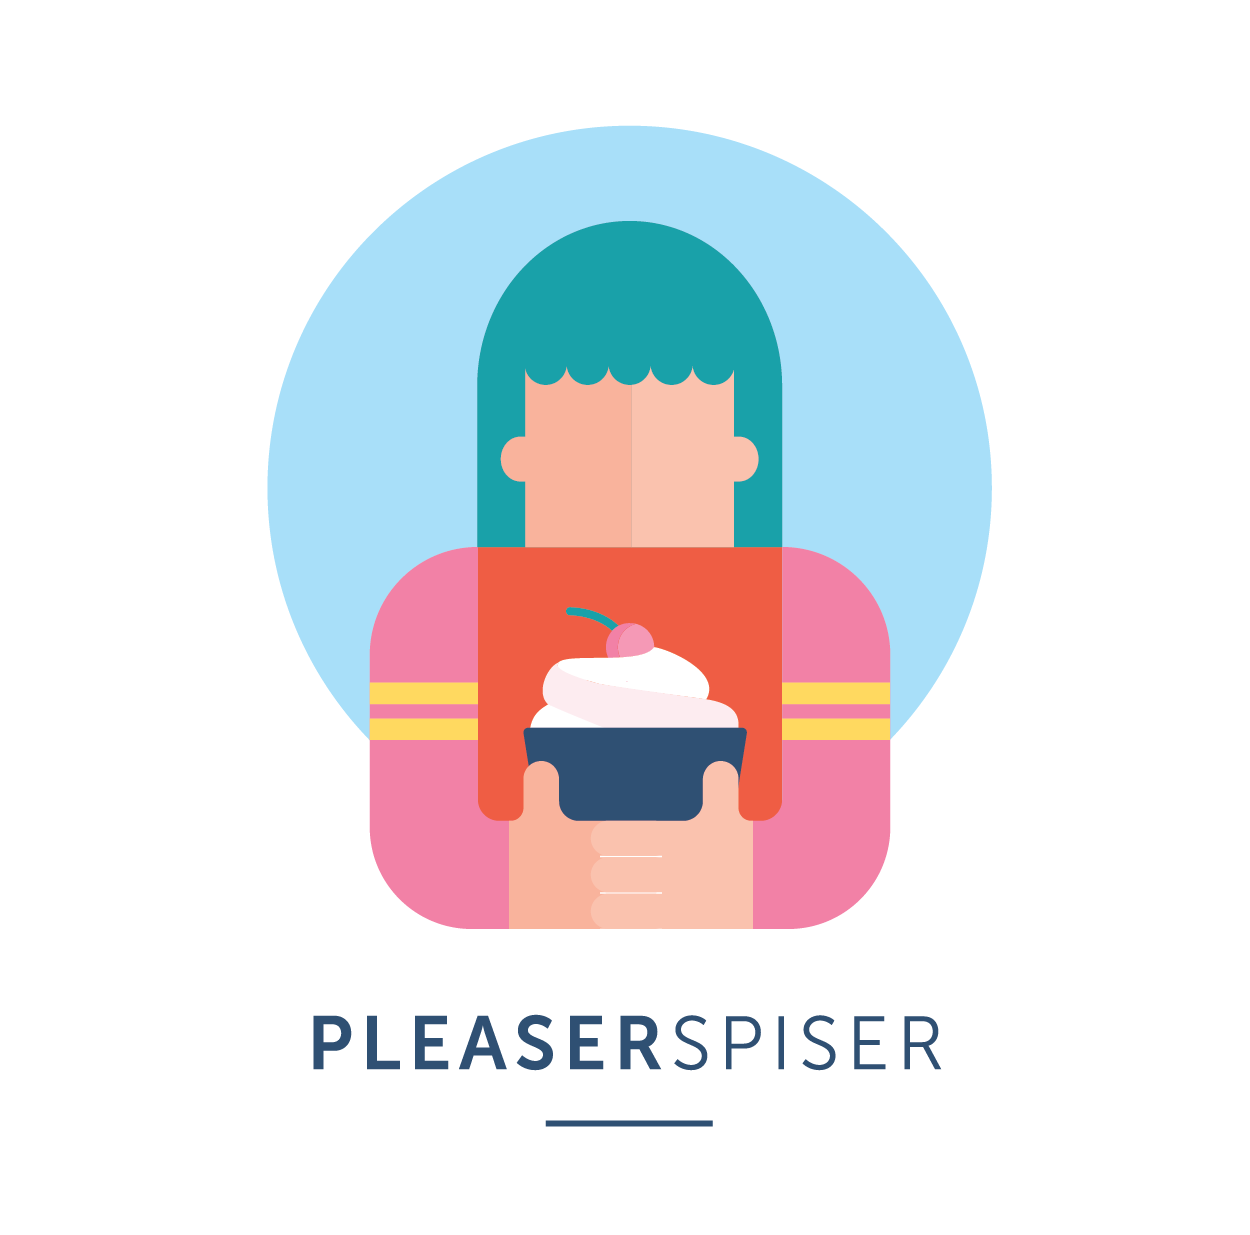 Pleaserspiser.png